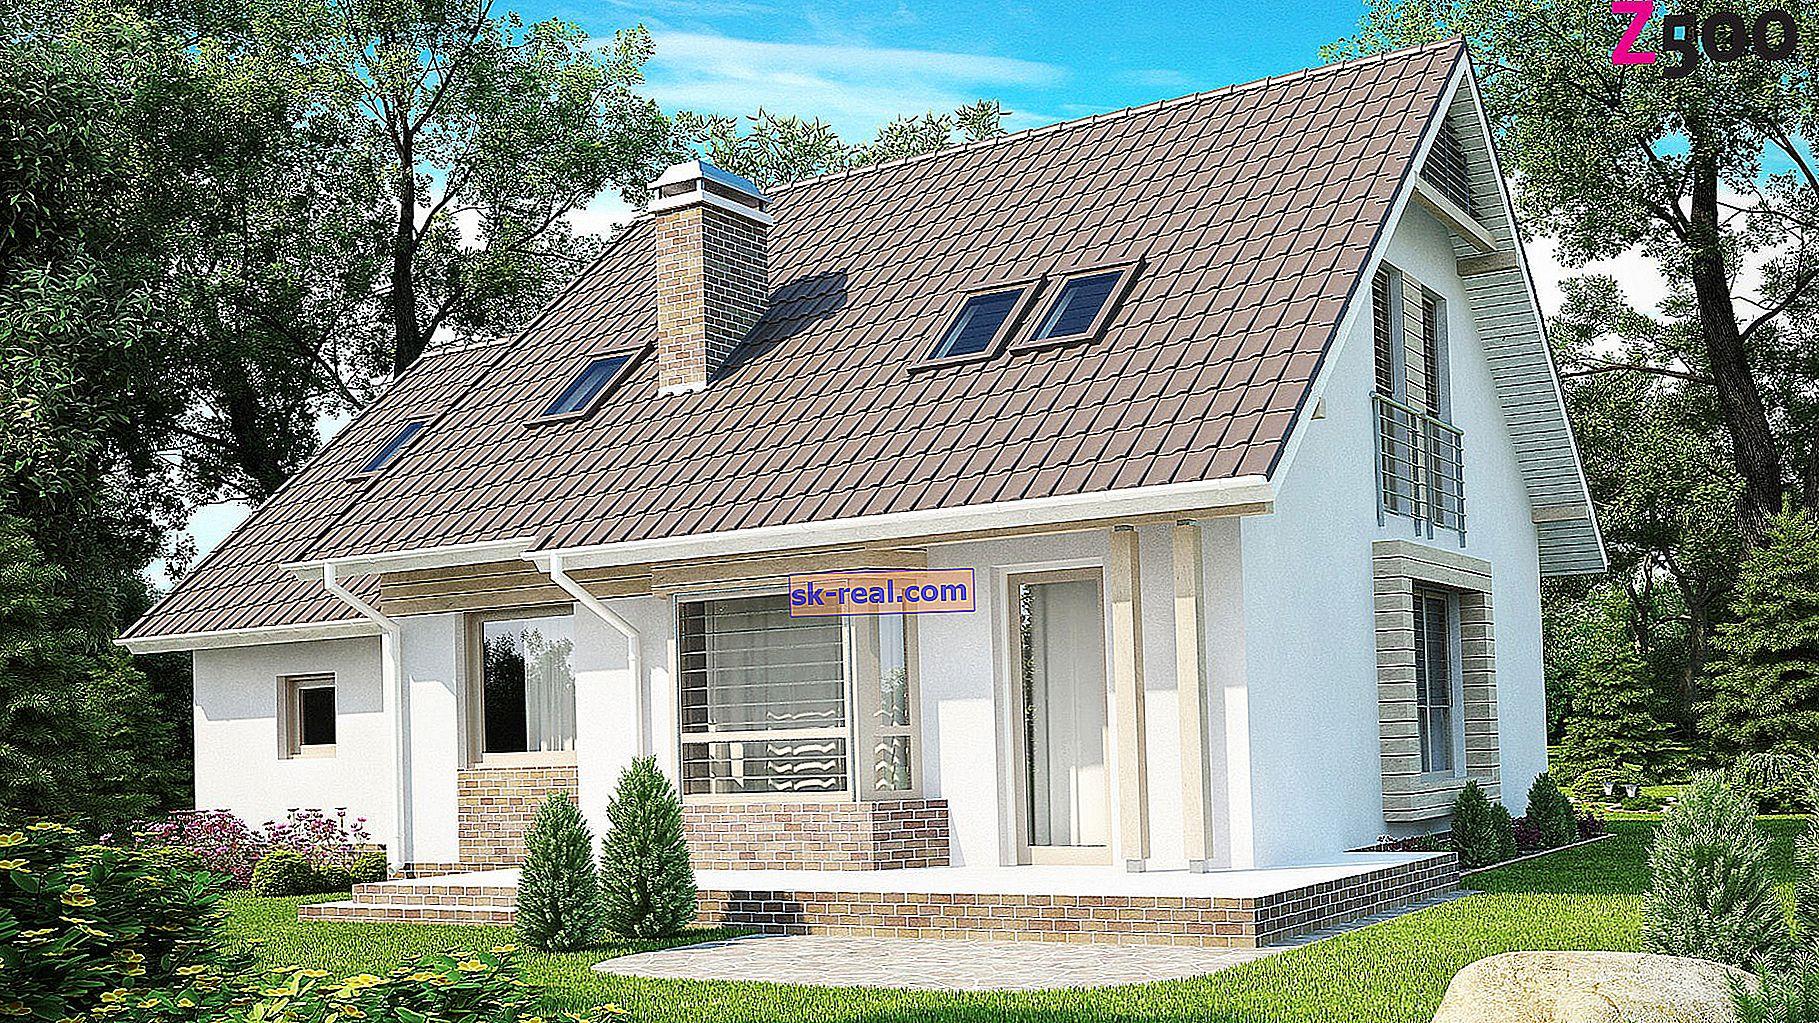 Postavitev majhne hiše: na kaj morate biti pozorni?